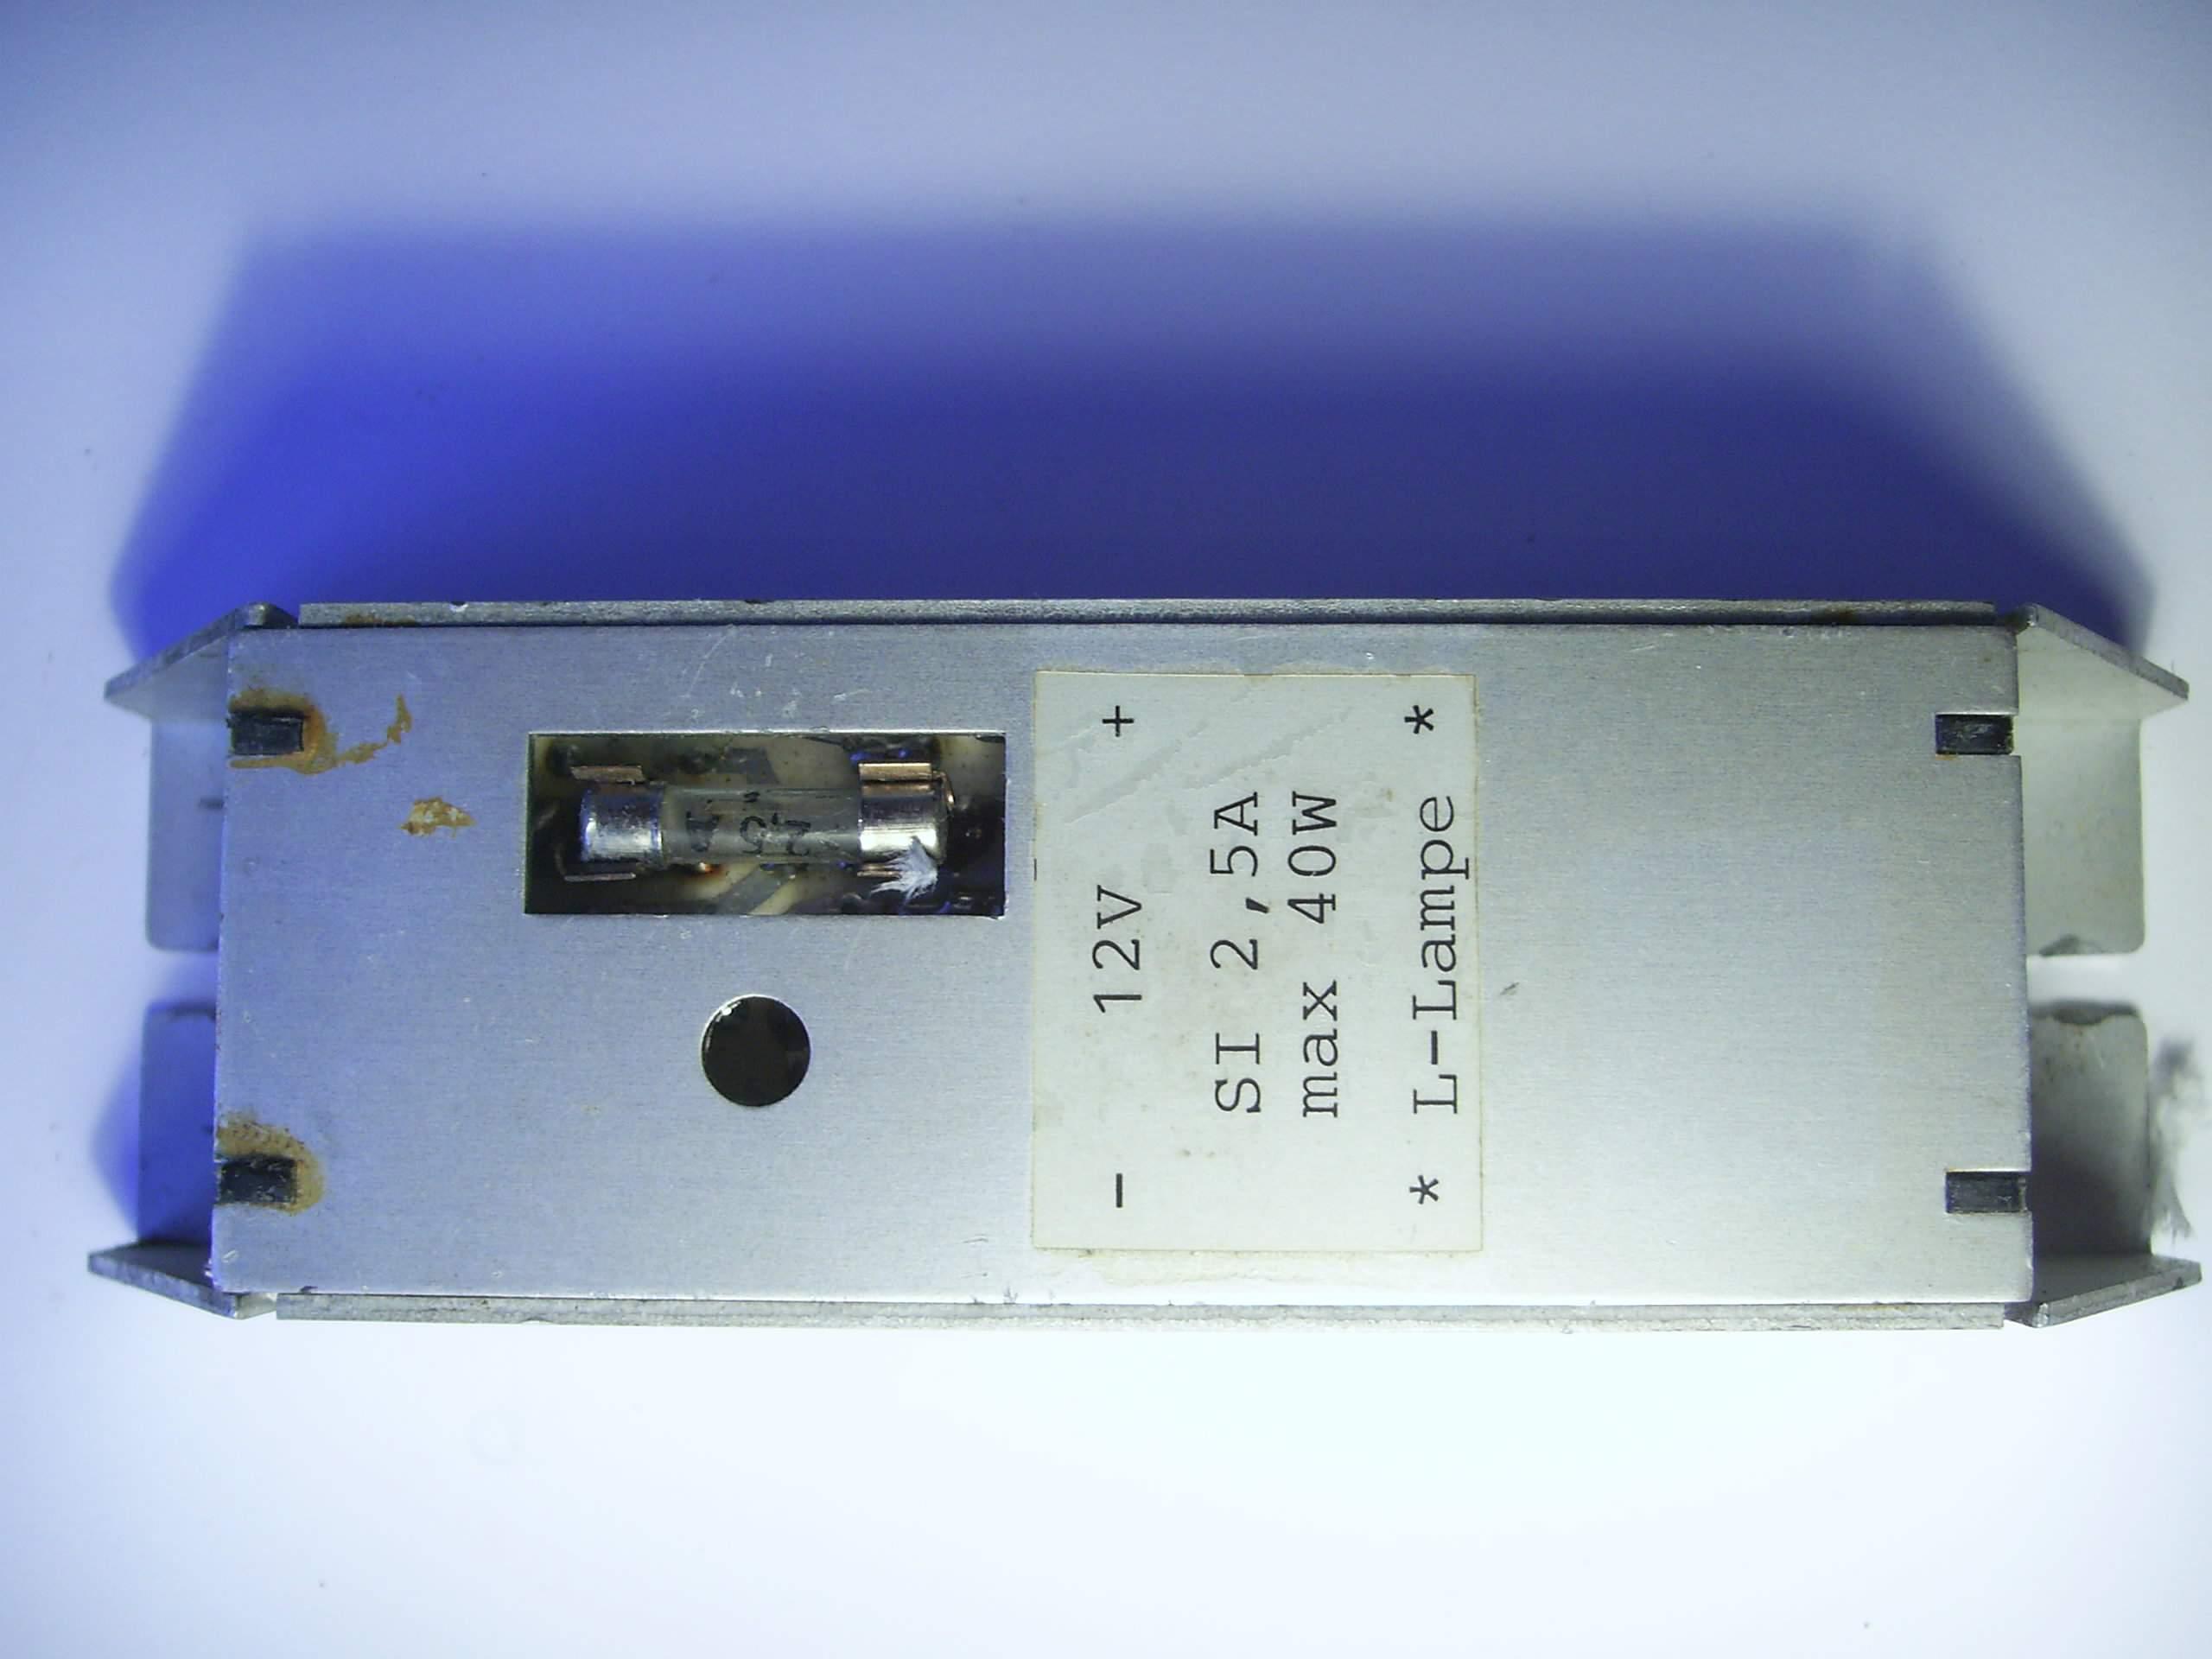 PIC_0043 Spannende Elektronisches Vorschaltgerät Leuchtstofflampe Schaltplan Dekorationen